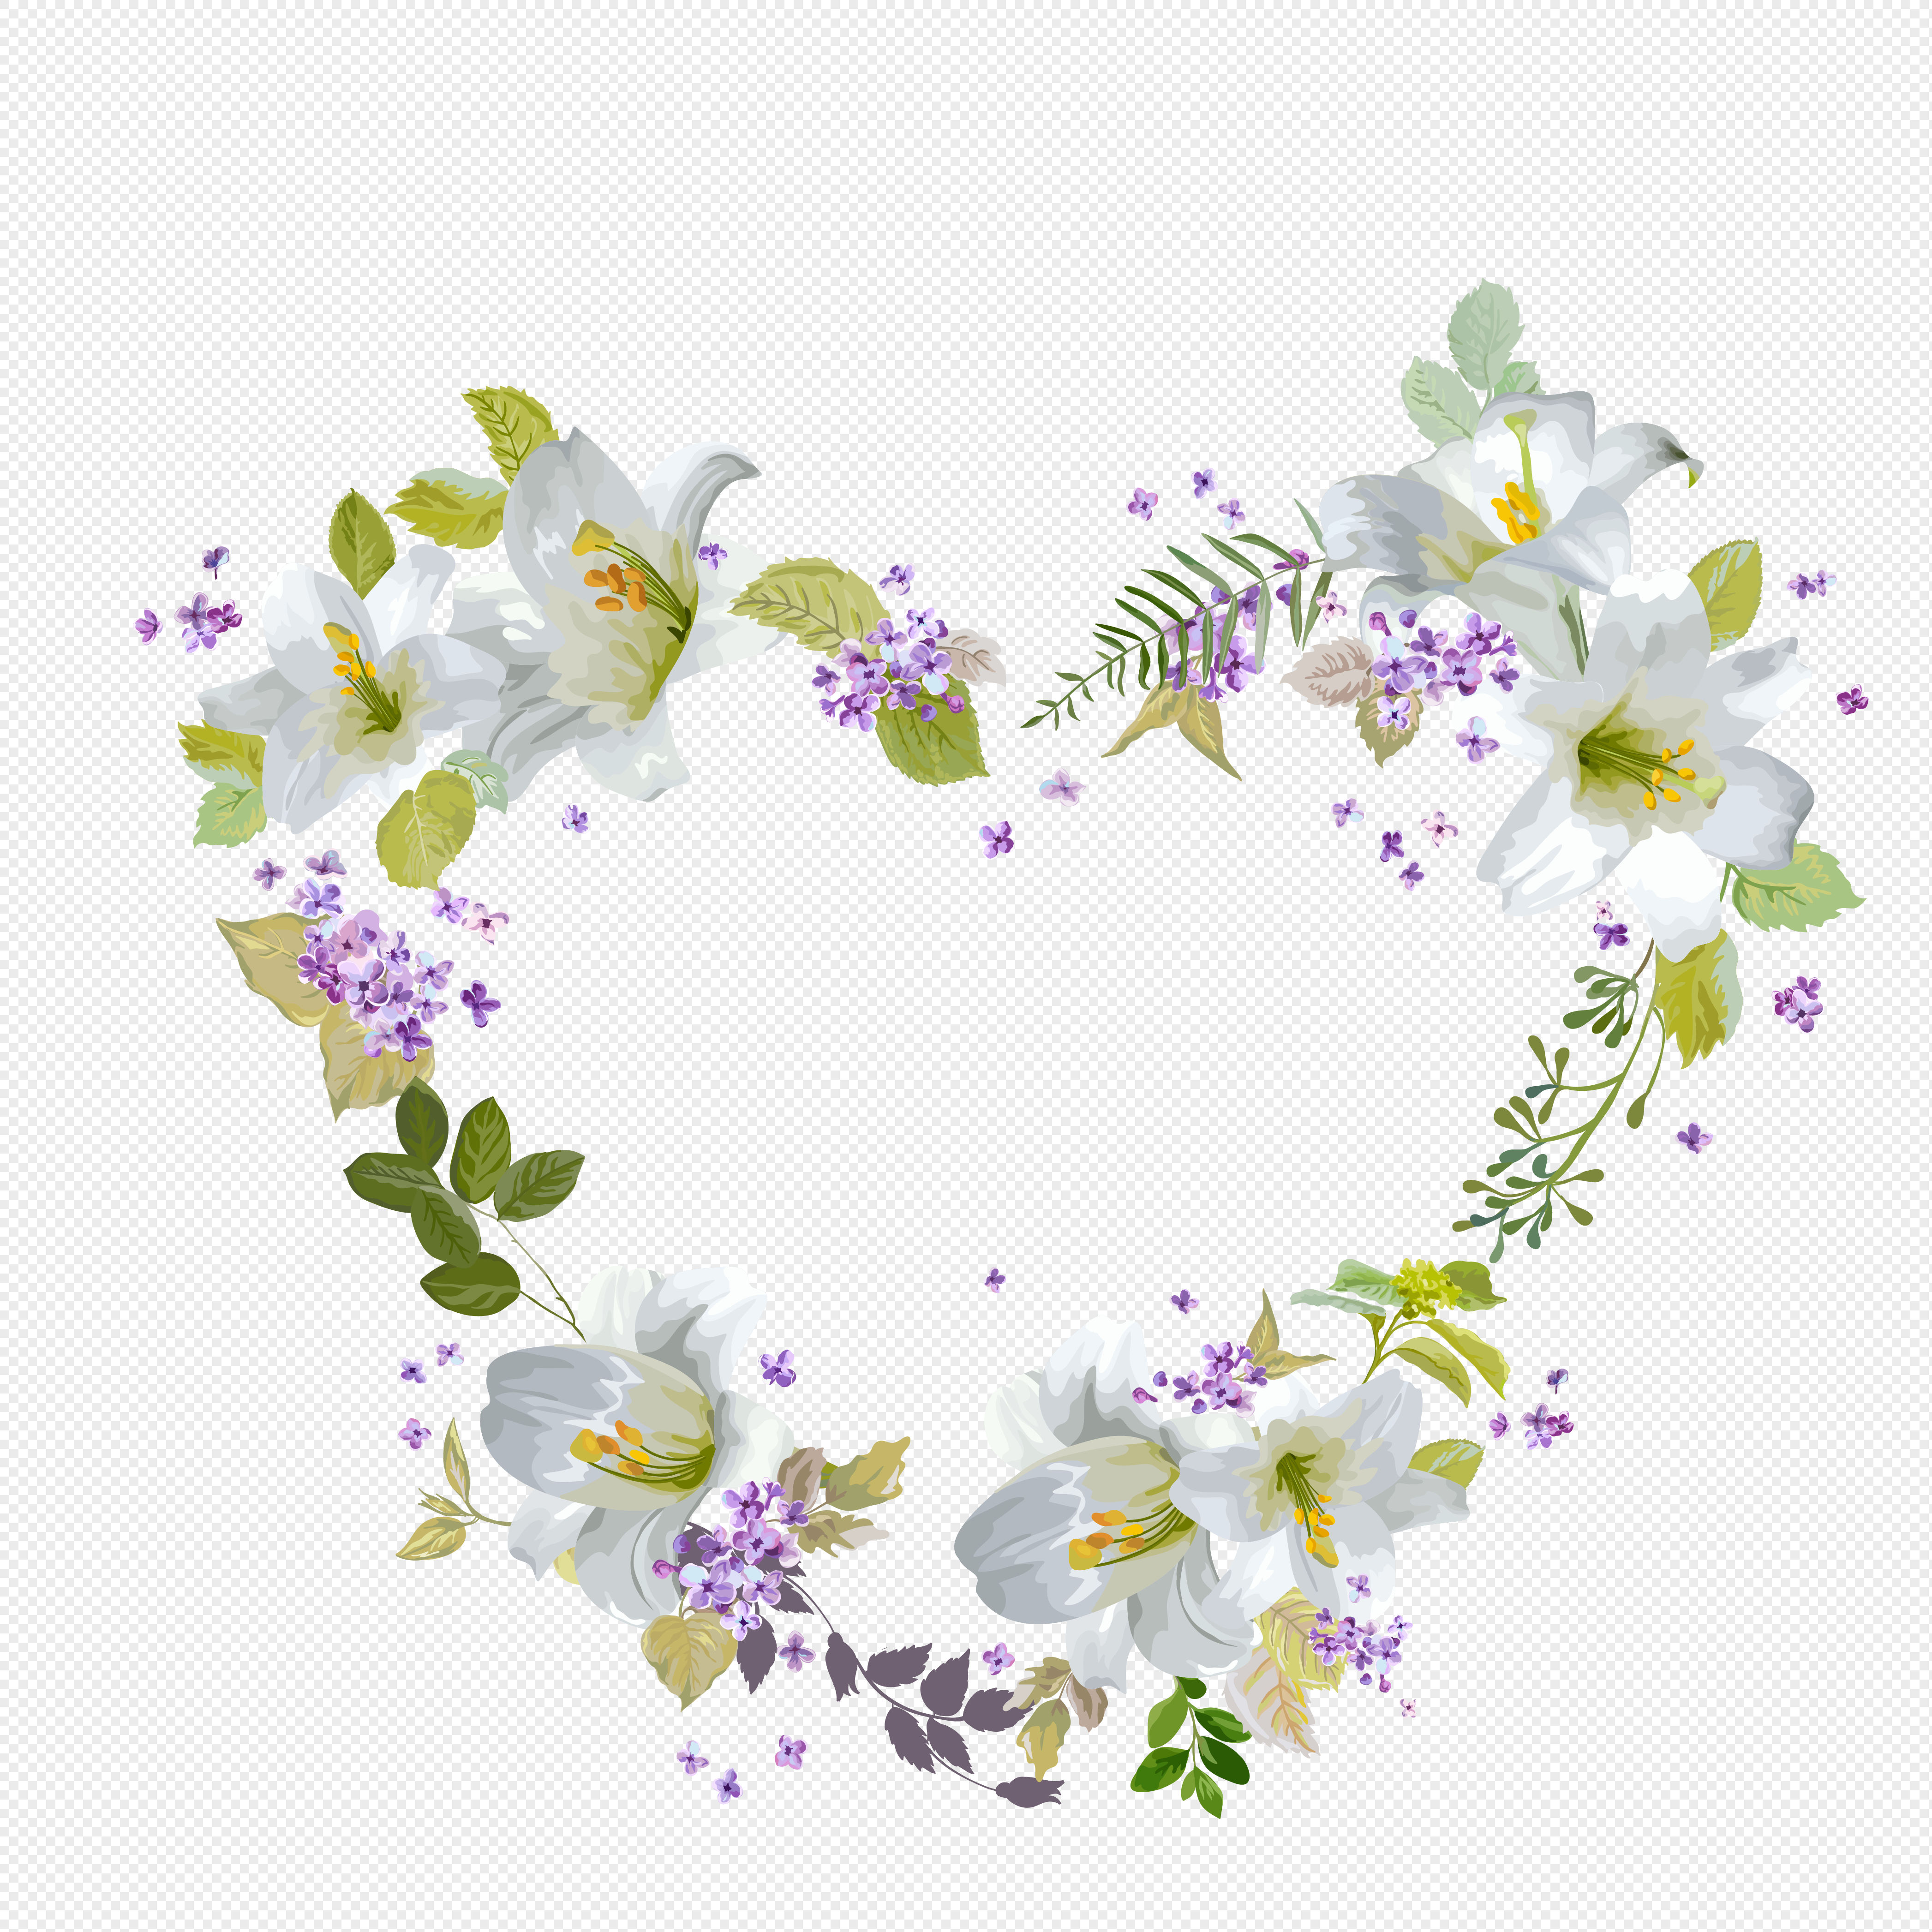 Flor Decorativa En Forma De Corazon Imagen Descargarprf Gráficos